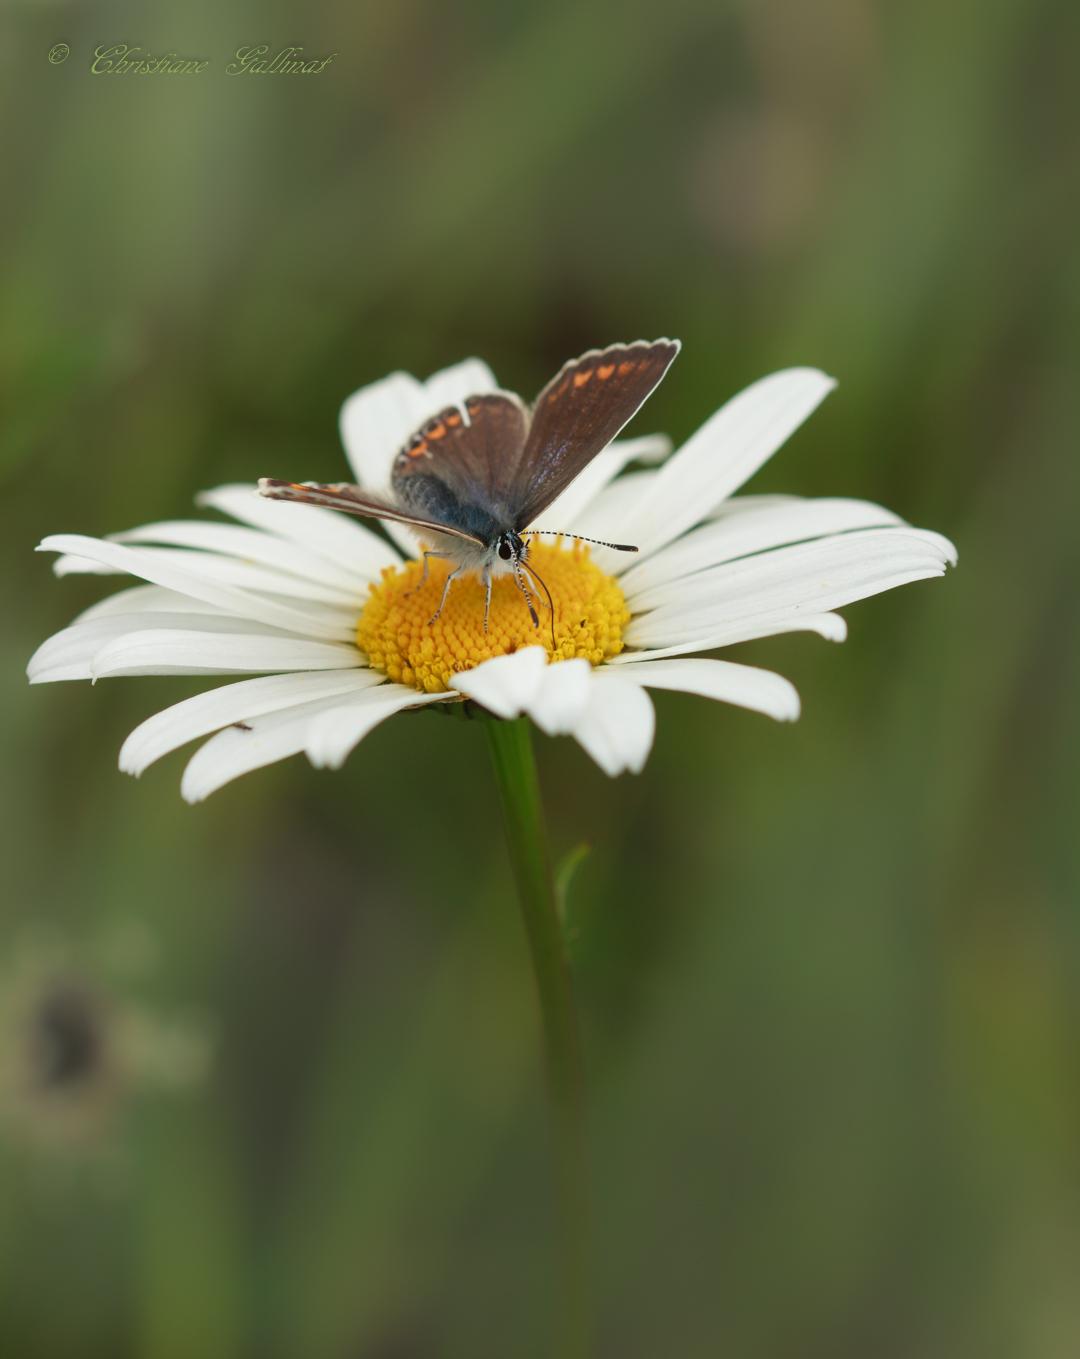 Bläuling ln zu: Navigation, Suche  Bläulinge Hauhechel-Bläuling ♂ (Polyommatus icarus)  Hauhechel-Bläuling ♂ (Polyommatus icarus)   Systematik Klasse: Insekten (Insecta)  Unterklasse: Fluginsekten (Pterygota)  Überordnung: Neuflügler (Neoptera)  Ordnung: